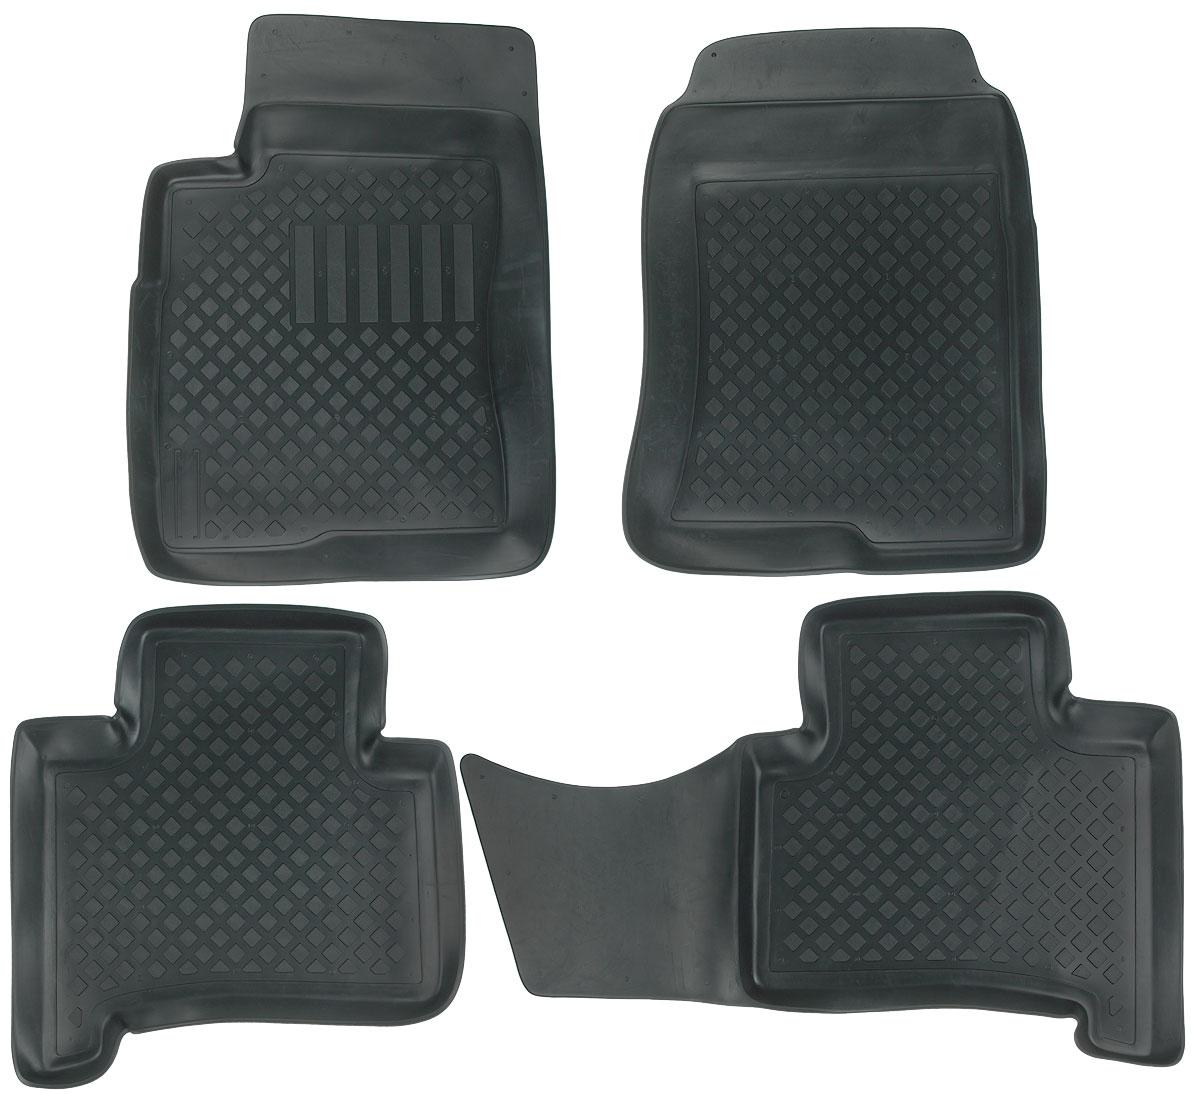 Набор автомобильных ковриков L.Locker, для Toyota Land Cruiser Prado (02-), в салон, 4 шт0209060301Набор L.Locker, изготовленный из полиуретана, состоит из 4 антискользящих 3D ковриков, которые производятся индивидуально для каждой модели автомобиля. Изделие точно повторяет геометрию пола автомобиля, имеет высокий борт, обладает повышенной износоустойчивостью, лишено резкого запаха и сохраняет свои потребительские свойства в широком диапазоне температур от -50°С до +50°С. Комплектация: 4 шт.Размер ковриков: 75 см х 56 см; 95 см х 54 см; 59 см х 64 см; 72 см х 54 см.